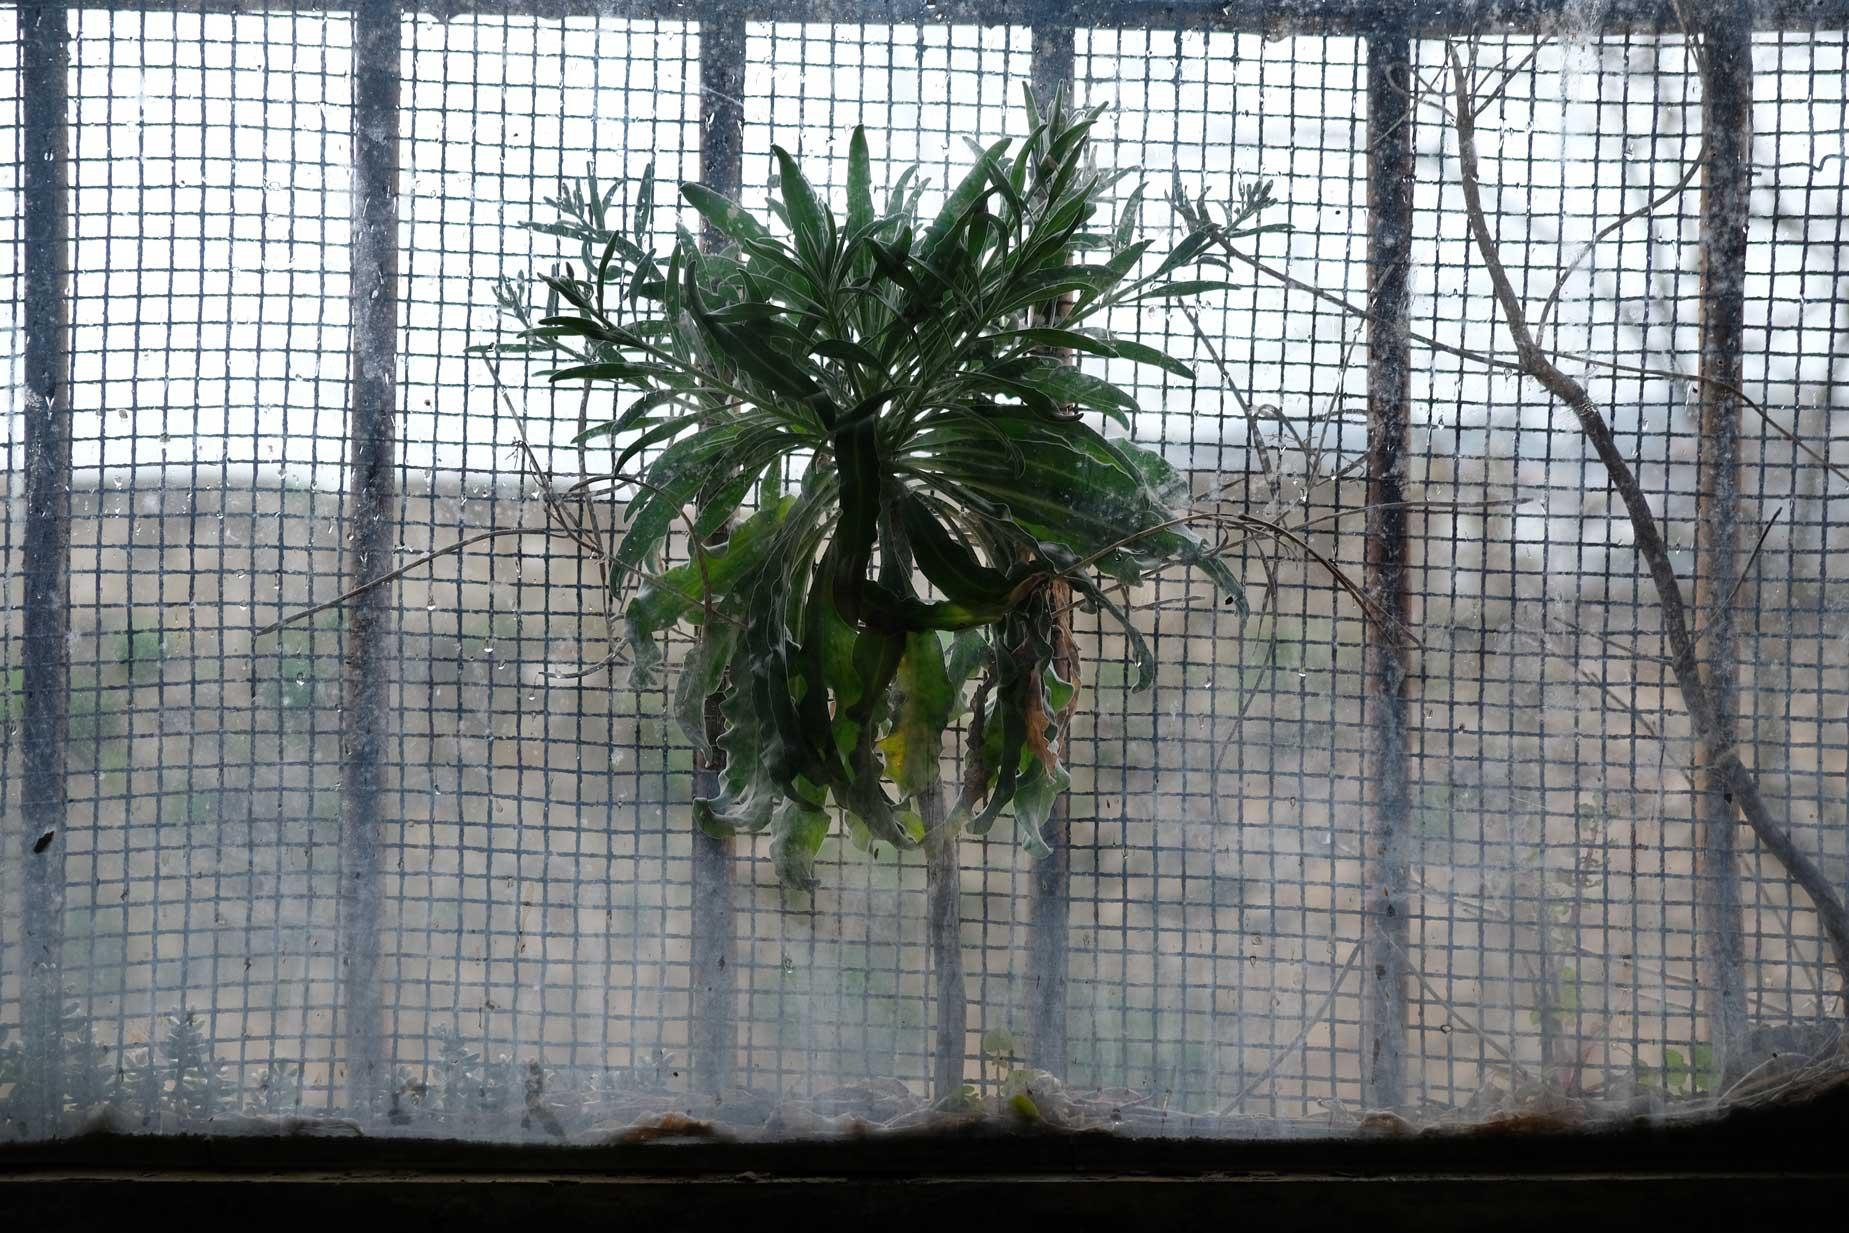 Eine Pflanze vor einem Gitter